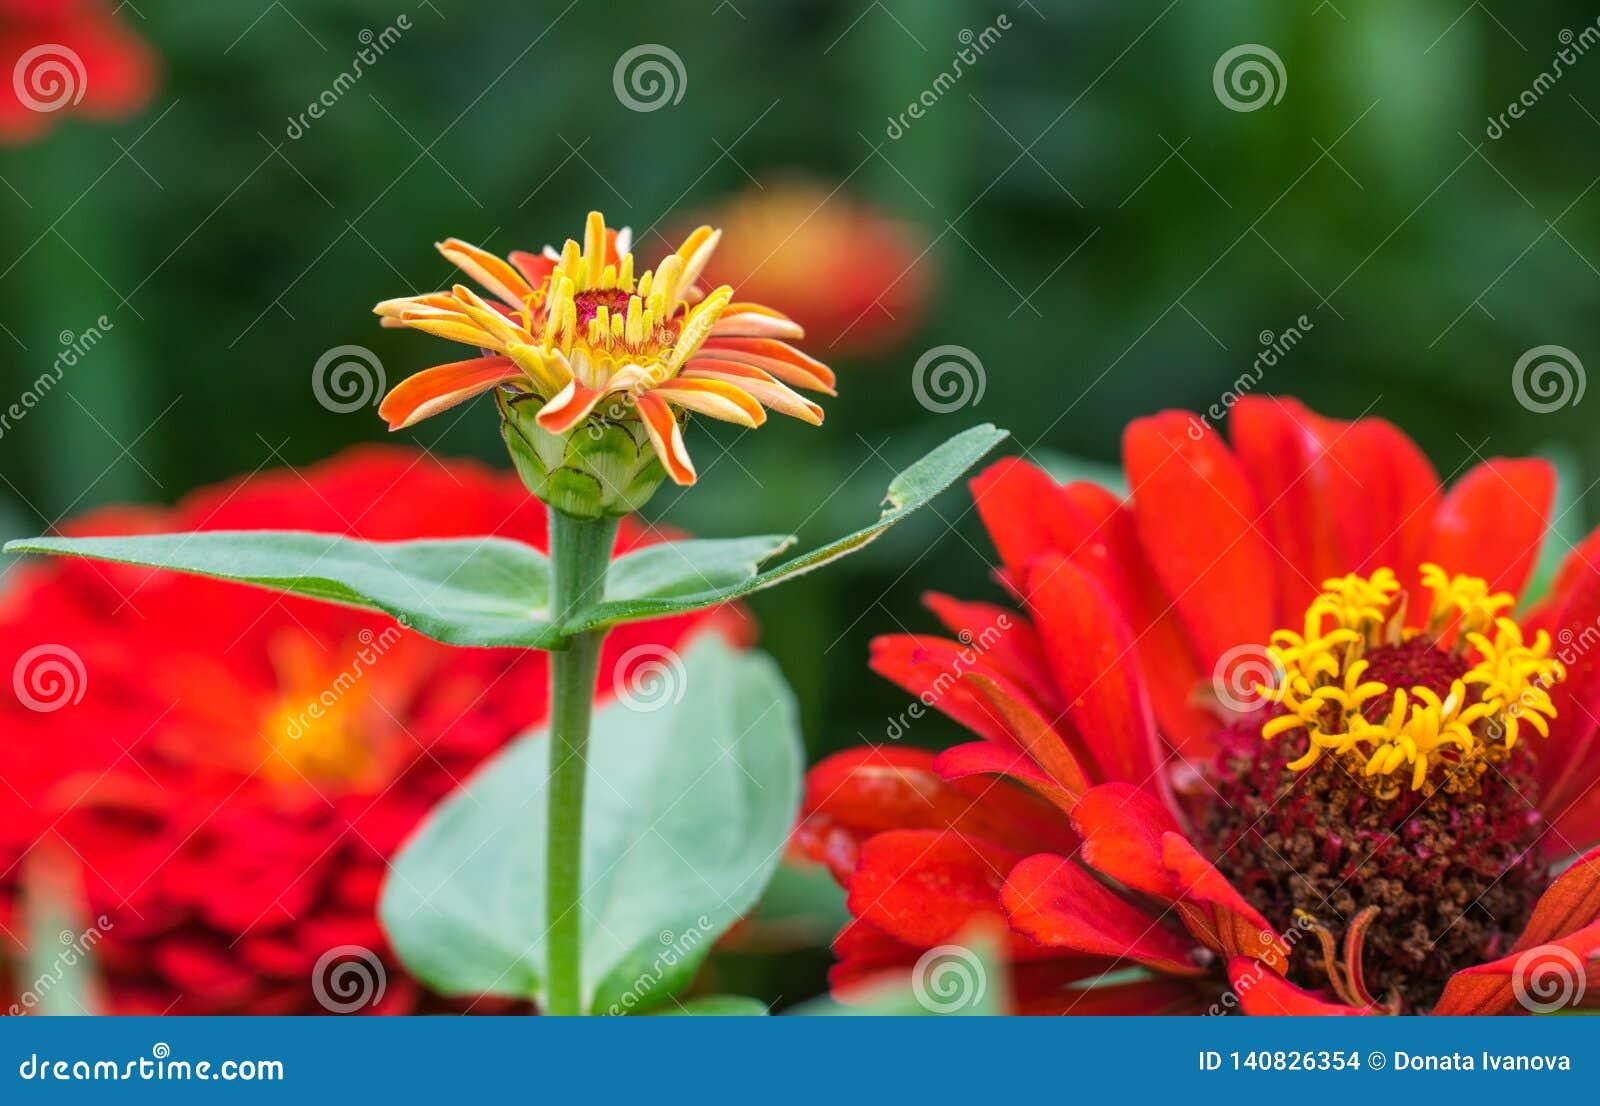 Die Blume Ñ  ynicism rote Farbe im Garten Blühendes rotes cyn